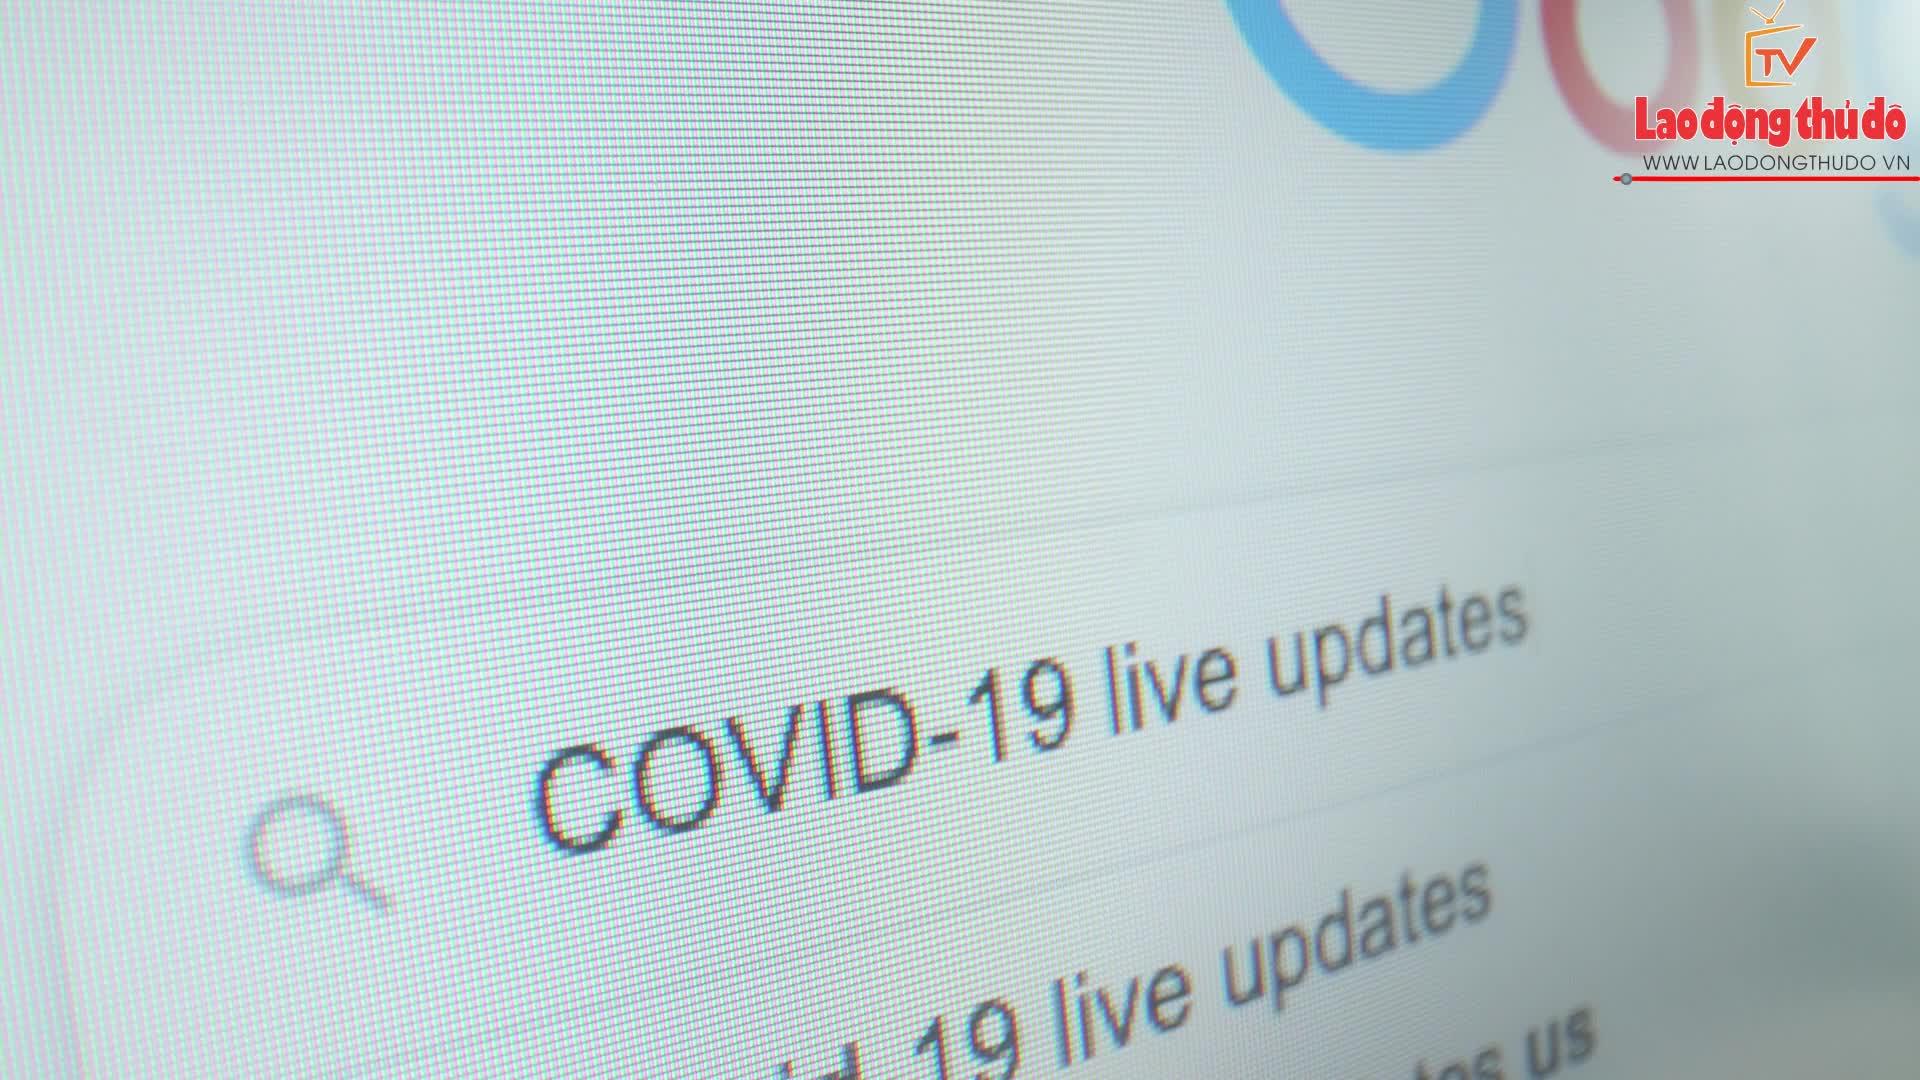 Hà Nội: Chủ động triển khai nhiều hình thức tuyên truyền phòng, chống Covid-19